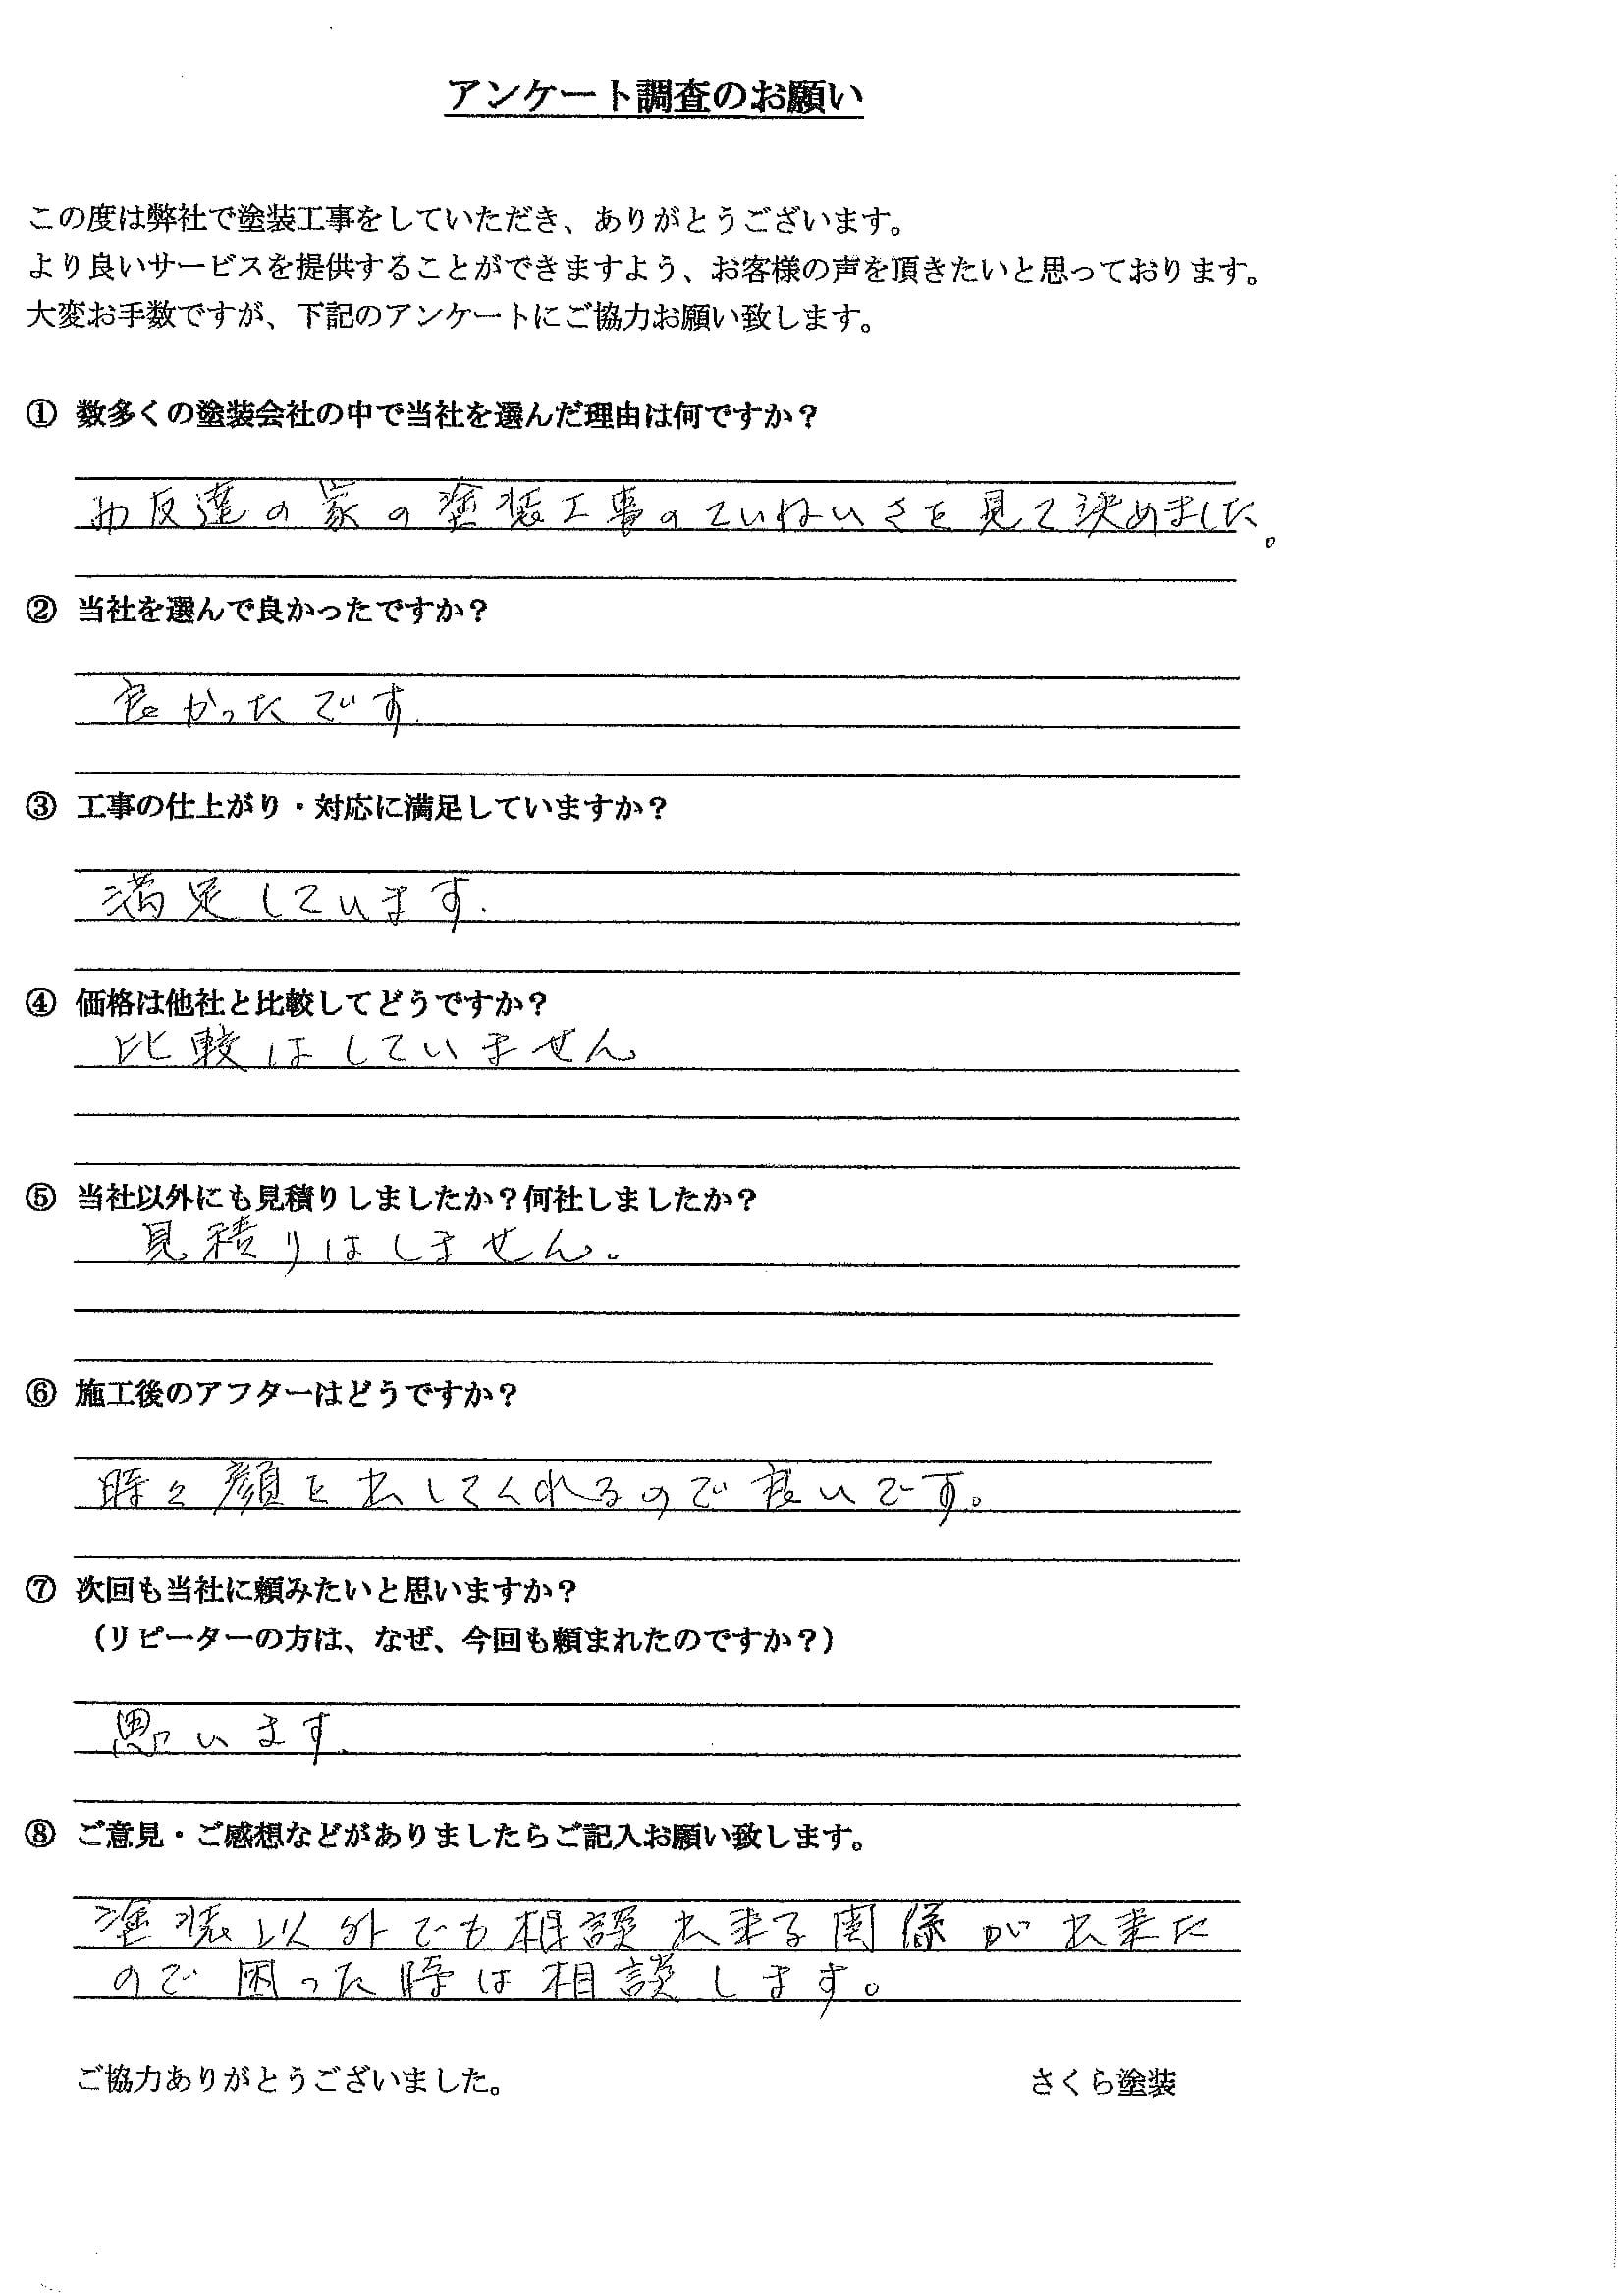 さくら塗装 埼玉県春日部市_Y様_外壁屋根塗装工事_評価